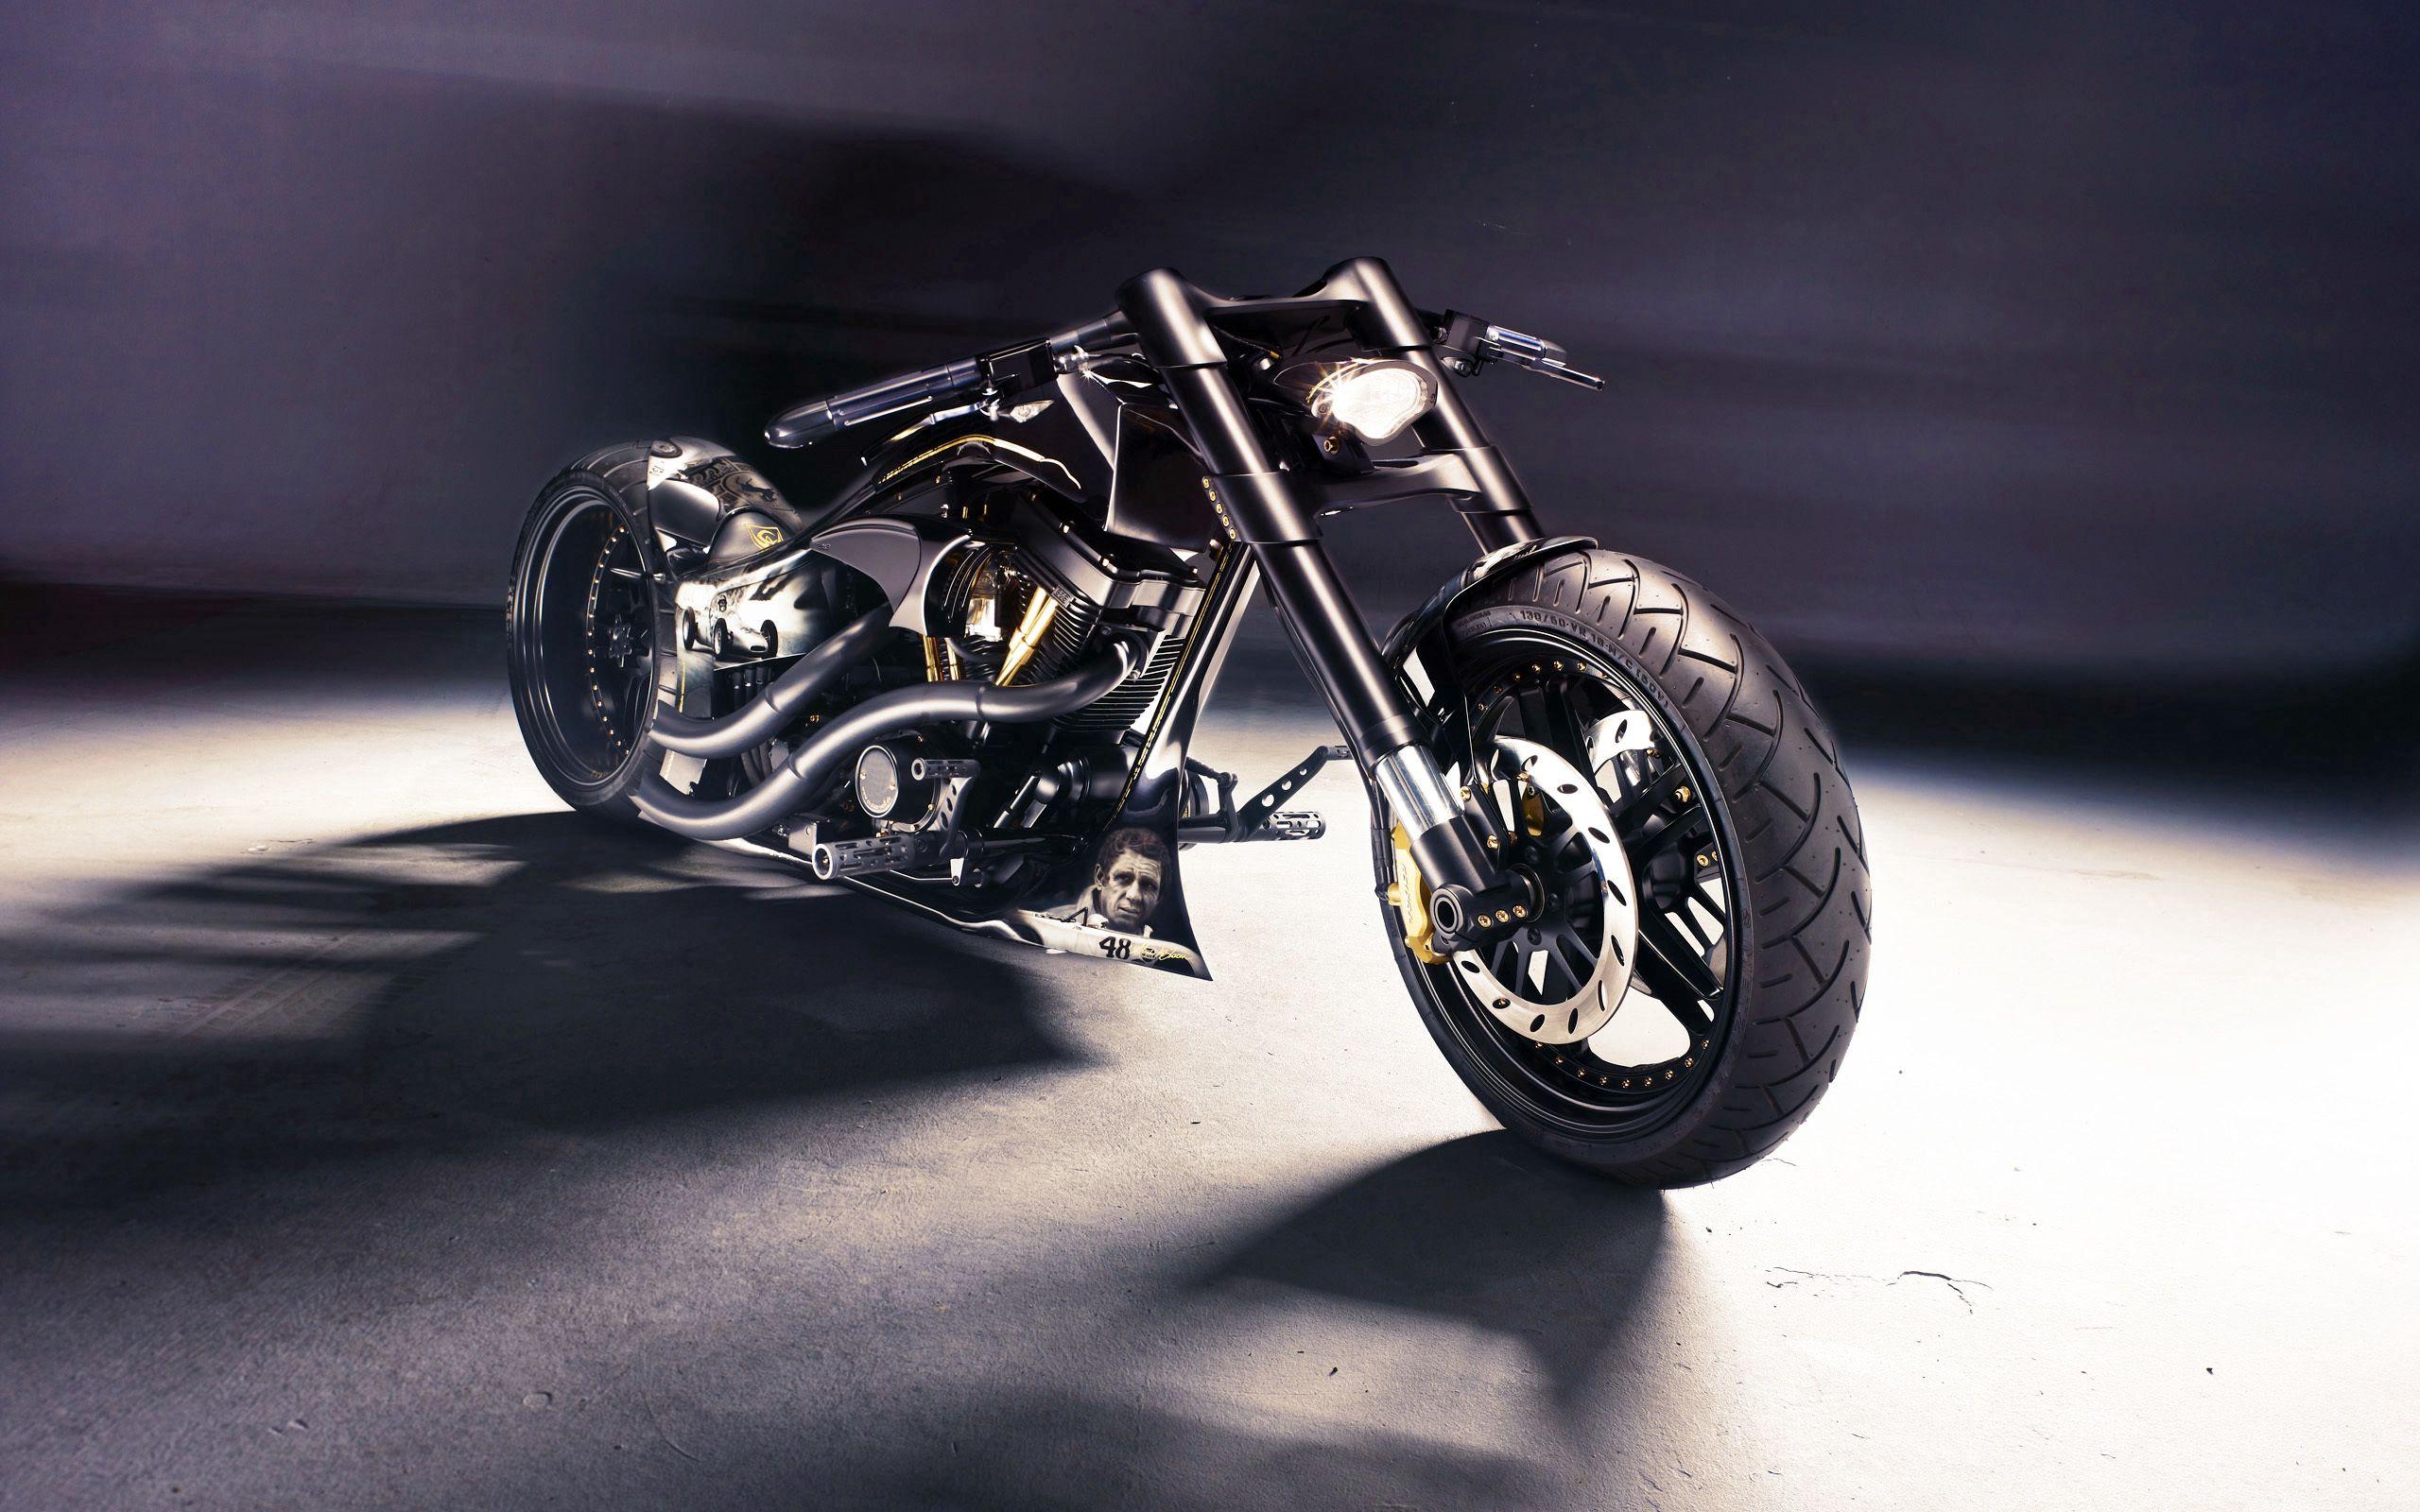 153427 Hintergrundbild herunterladen Motorräder, Fahrrad, Hamann, Benutzerdefiniert, Benutzerdefinierte, Soltador-Kreuzer - Bildschirmschoner und Bilder kostenlos